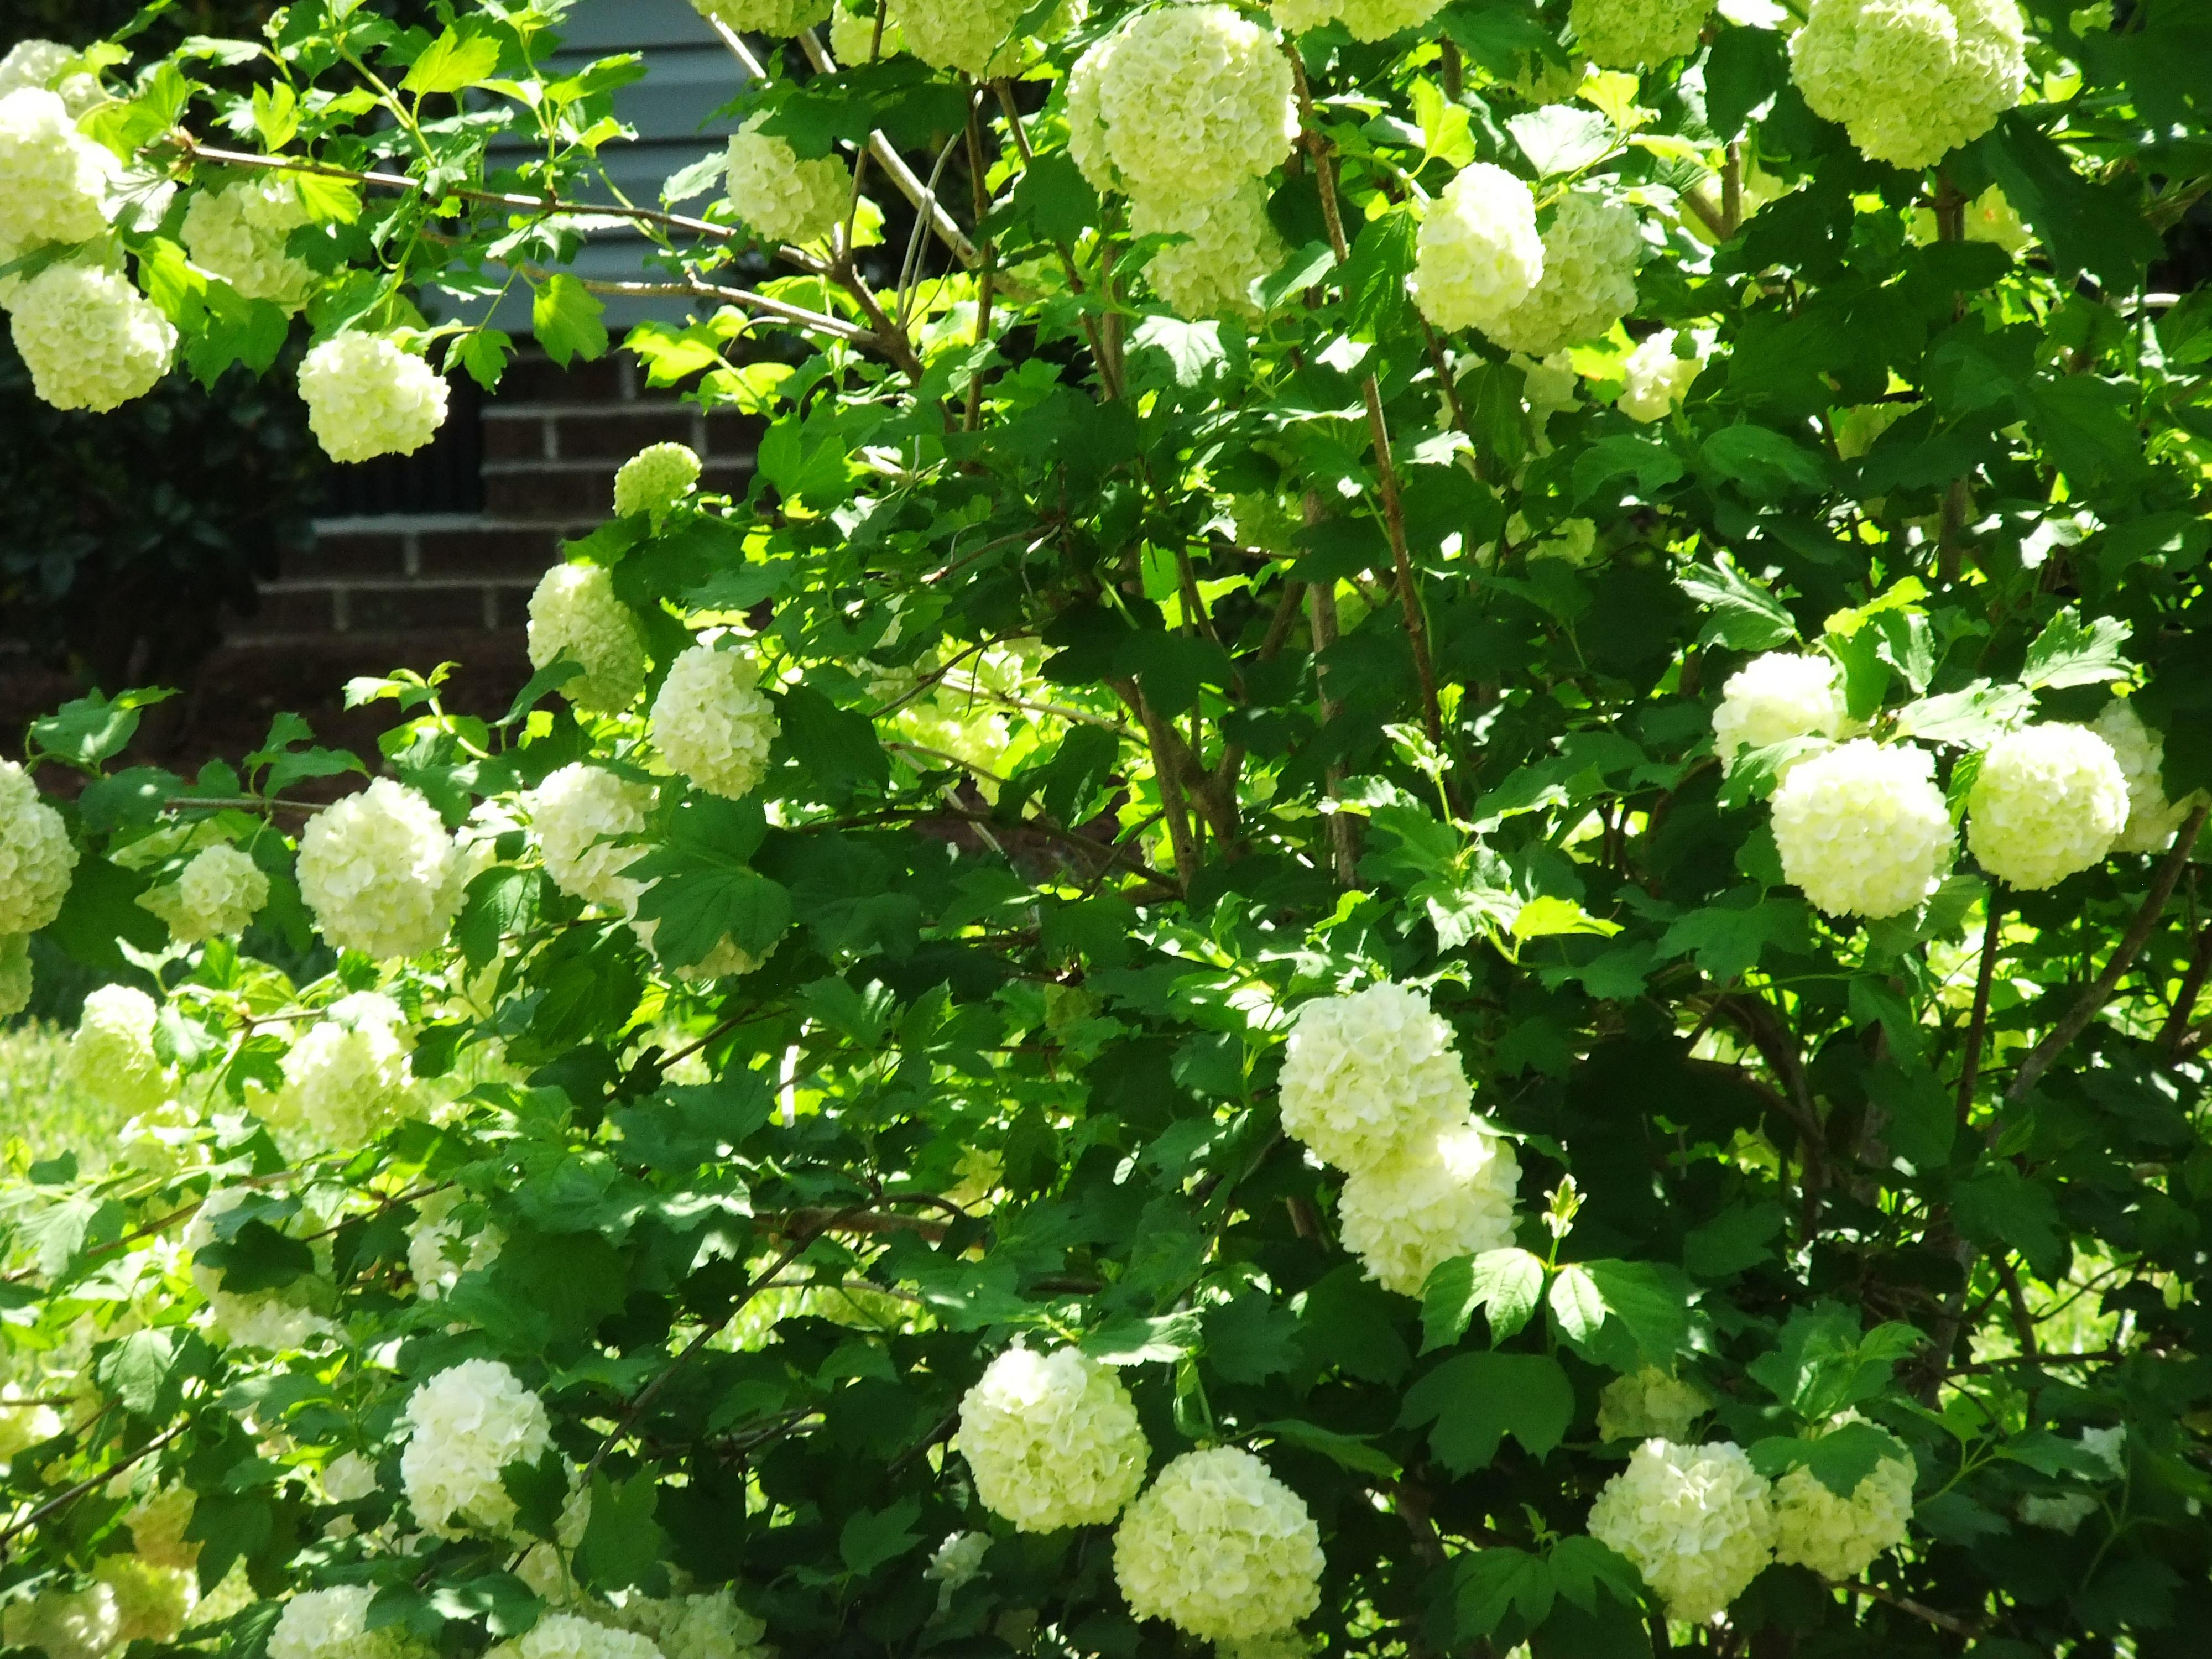 Arbustos florecientes de primavera - Farmington Gardens